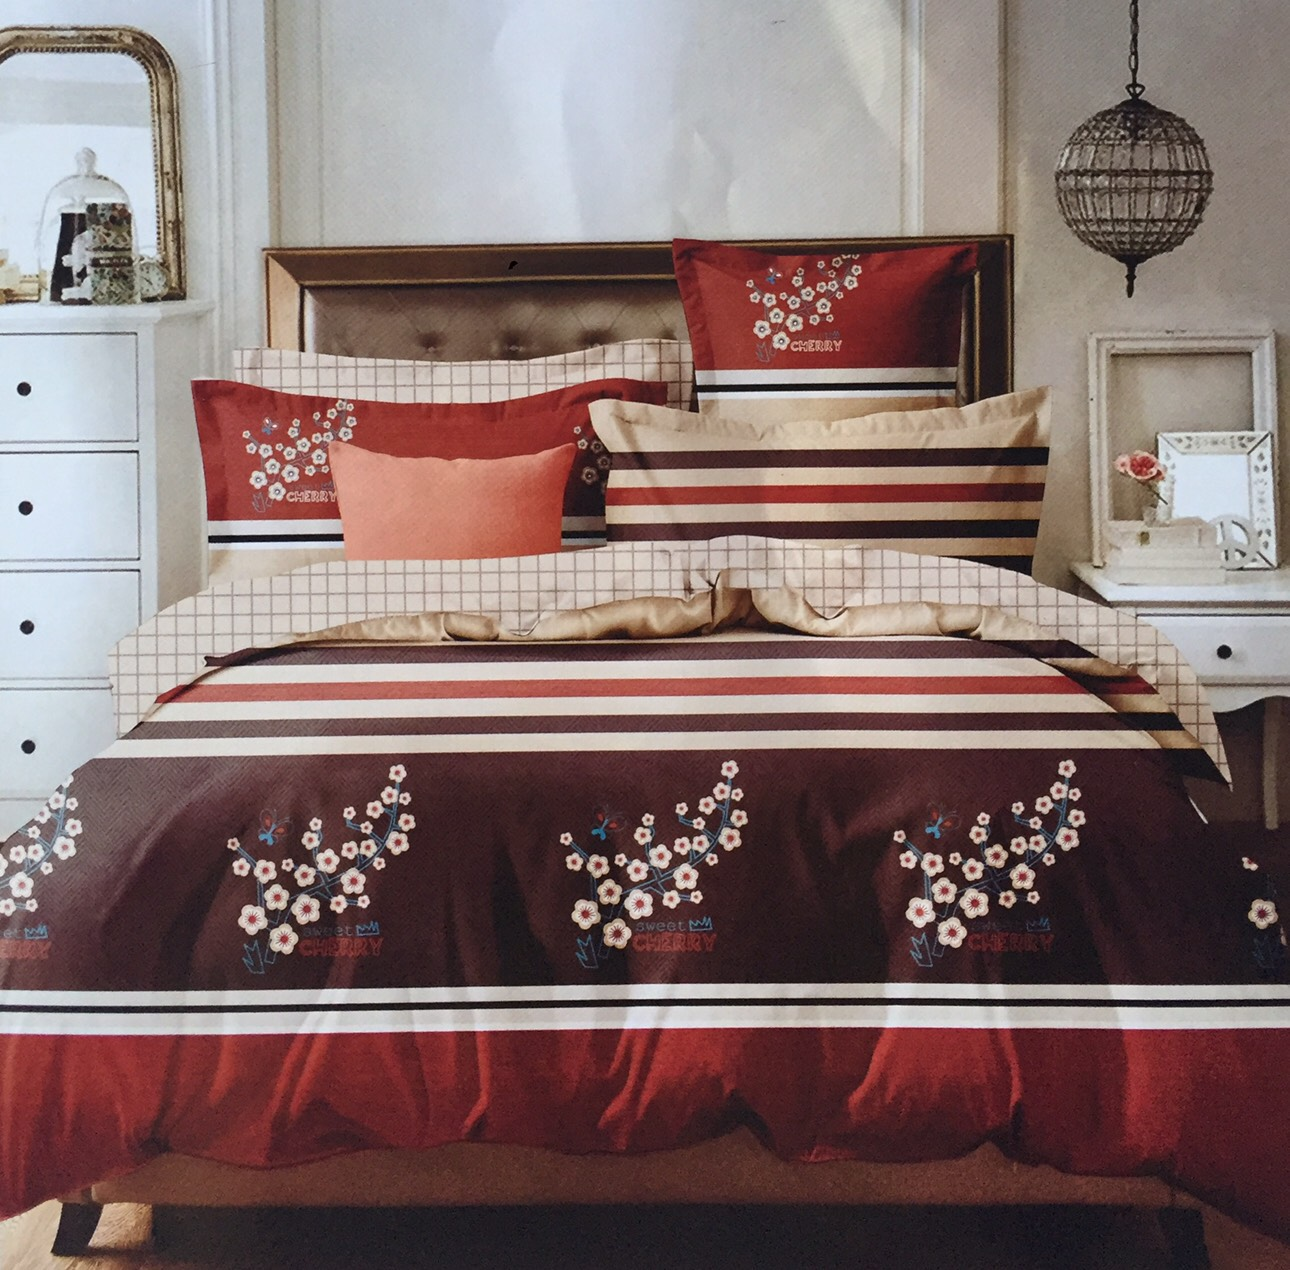 ชุดผ้าปูที่นอน ลายคลาสสิค ขนาด 6 ฟุต 6 ชิ้น (ส่งฟรี)